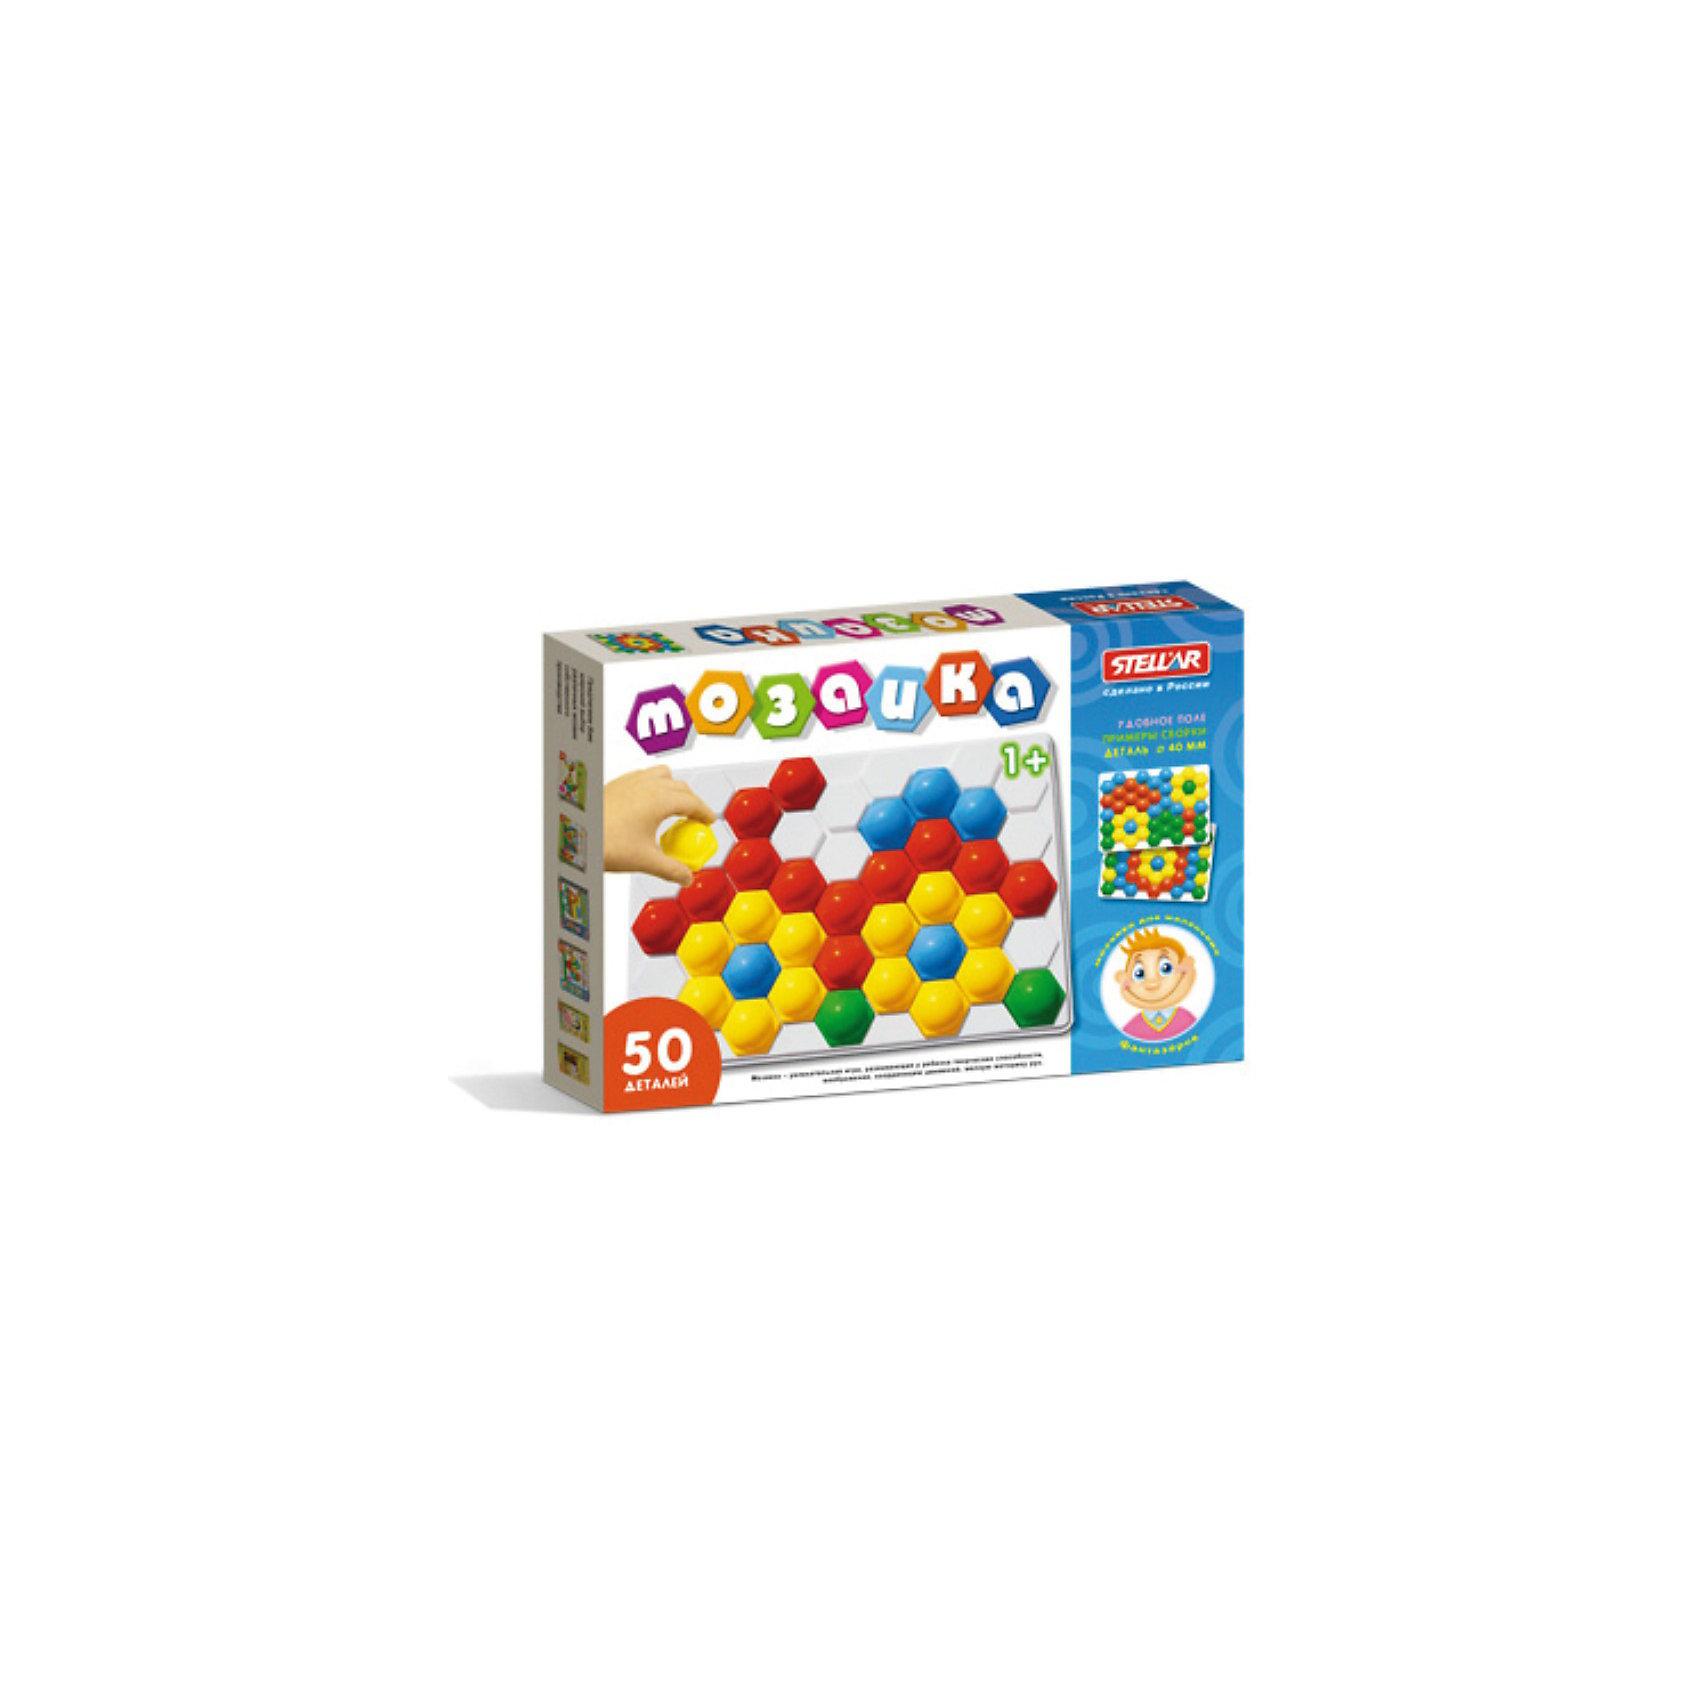 Мозаика, 50 элементов, СтелларМозаика Стеллар из  50 элементов с крупными, выпуклыми деталями в виде шестигранников – это увлекательная развивающая игра для малышей. Накладывая их на выпуклые ячейки поля, ребенок сможет выложить любой рисунок. Рисунки, представленные на упаковке, являются только примером, так как универсальная мозаика раскрывает перед ребенком неограниченные возможности моделирования и создания множества своих собственных рисунков, от простейших геометрических фигур и разноцветного орнамента, до сложных рисунков животных, цветов и всего, что только подскажет фантазия. <br>Мозаика это не только увлекательная, но и развивающая игра. Во время занятий с мозаикой, ребенок научится комбинировать цвета, получит представление о геометрических фигурах, простейшем счете. Мозаика развивает мелкую моторику рук, координацию движений, творческие способности, логическое мышление и воображение, усидчивость и трудолюбие. Все детали мозаики выполнены из качественных материалов и совершенно безвредны для детей.<br><br>Дополнительная информация:<br><br>- Материал: полипропилен<br>- В наборе: 50 деталей, поле<br>- Цвета мозаики: зеленый, желтый, красный, синий, белый<br>- Размер фишки: 40 х 45 х 22 мм.<br>- Размер поля: 240 х 350 мм.<br>- Размер коробки: 40 х 240 х 350 мм.<br>- Вес: 260 гр.<br><br>Мозаику, 50 элементов, Стеллар можно купить в нашем интернет-магазине.<br><br>Ширина мм: 40<br>Глубина мм: 350<br>Высота мм: 240<br>Вес г: 260<br>Возраст от месяцев: 12<br>Возраст до месяцев: 72<br>Пол: Унисекс<br>Возраст: Детский<br>SKU: 3726292